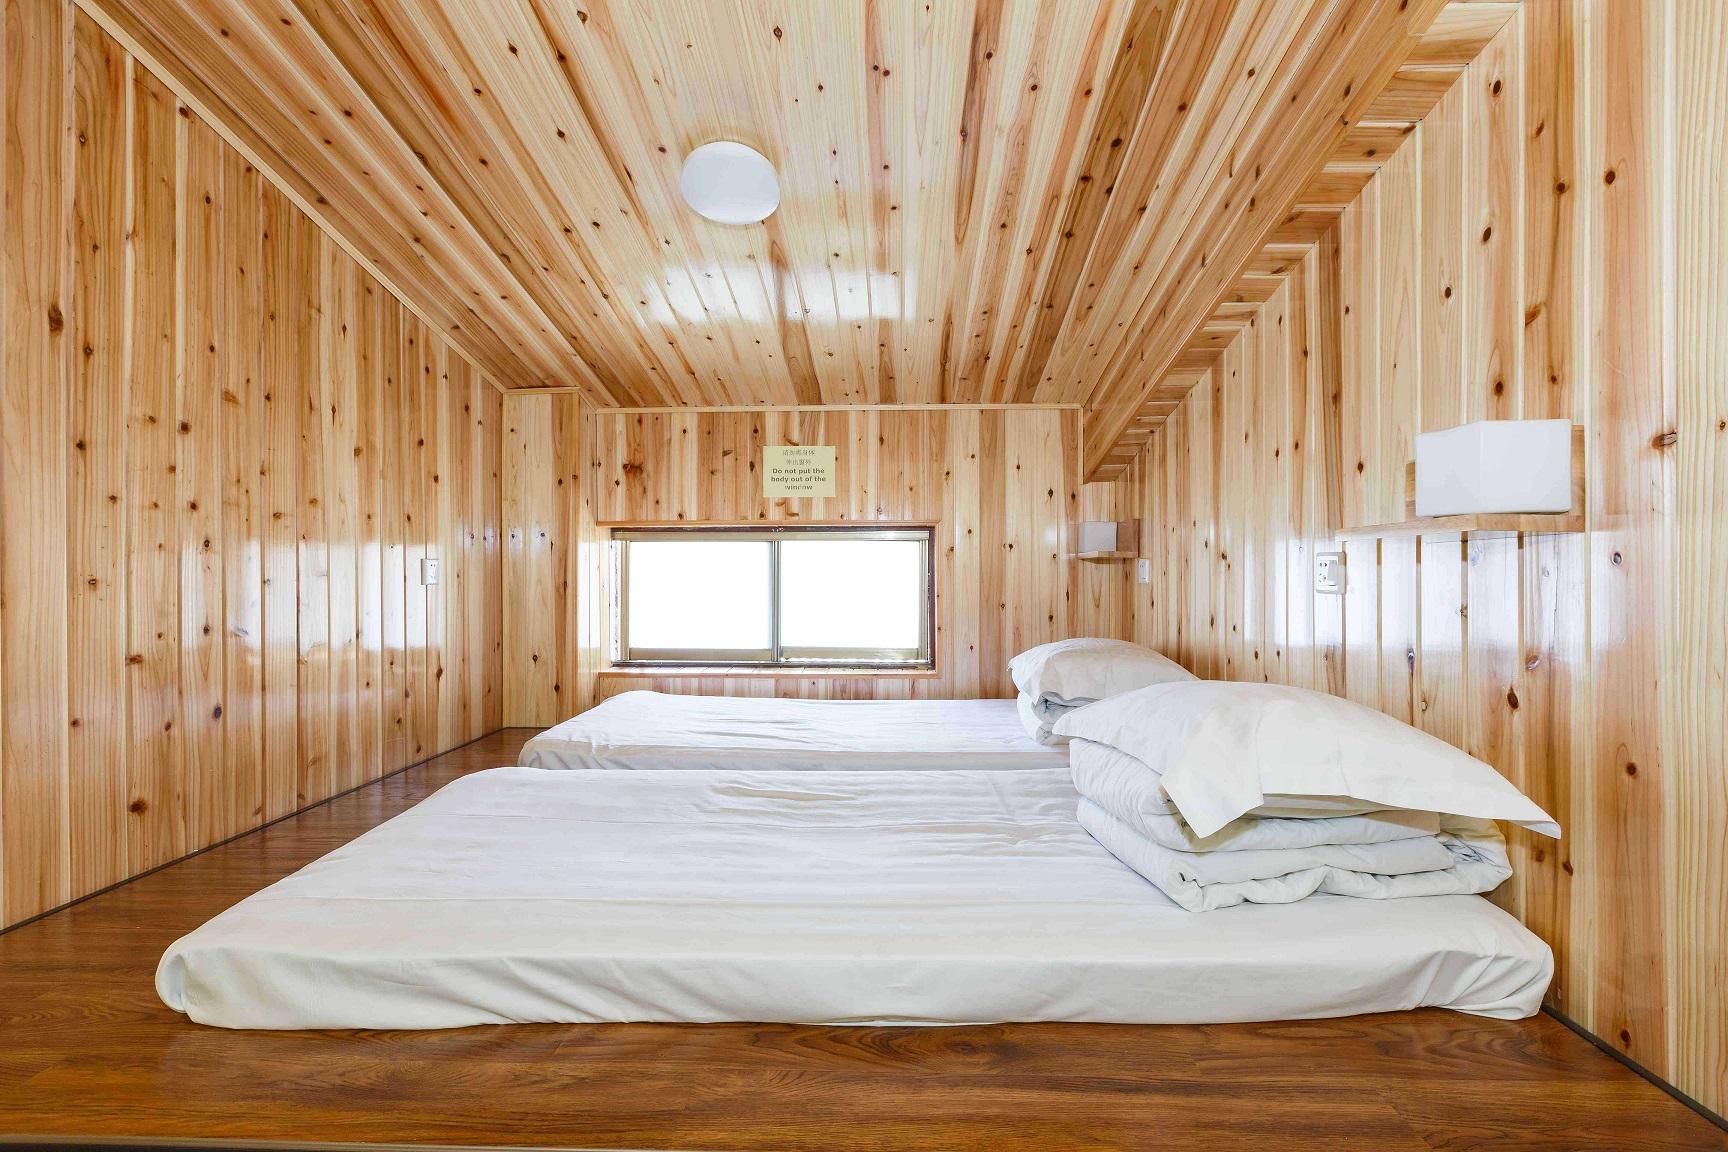 用手環就能開啟房門及調燈光大小 你有住過自動化的飯店嗎